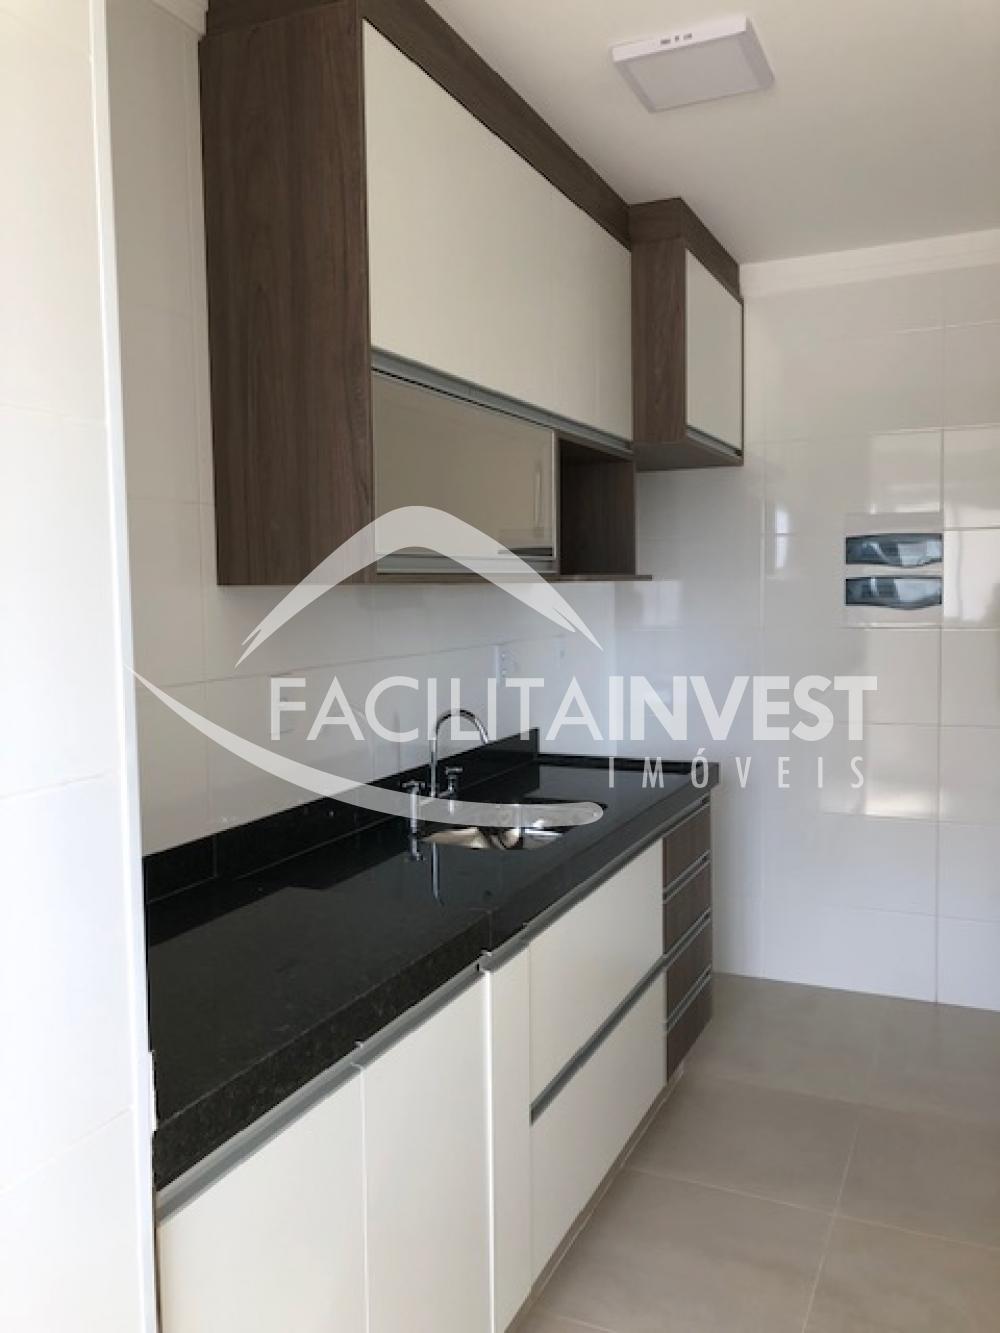 Alugar Lançamentos/ Empreendimentos em Construç / Apartamento padrão - Lançamento em Ribeirão Preto apenas R$ 1.200,00 - Foto 5